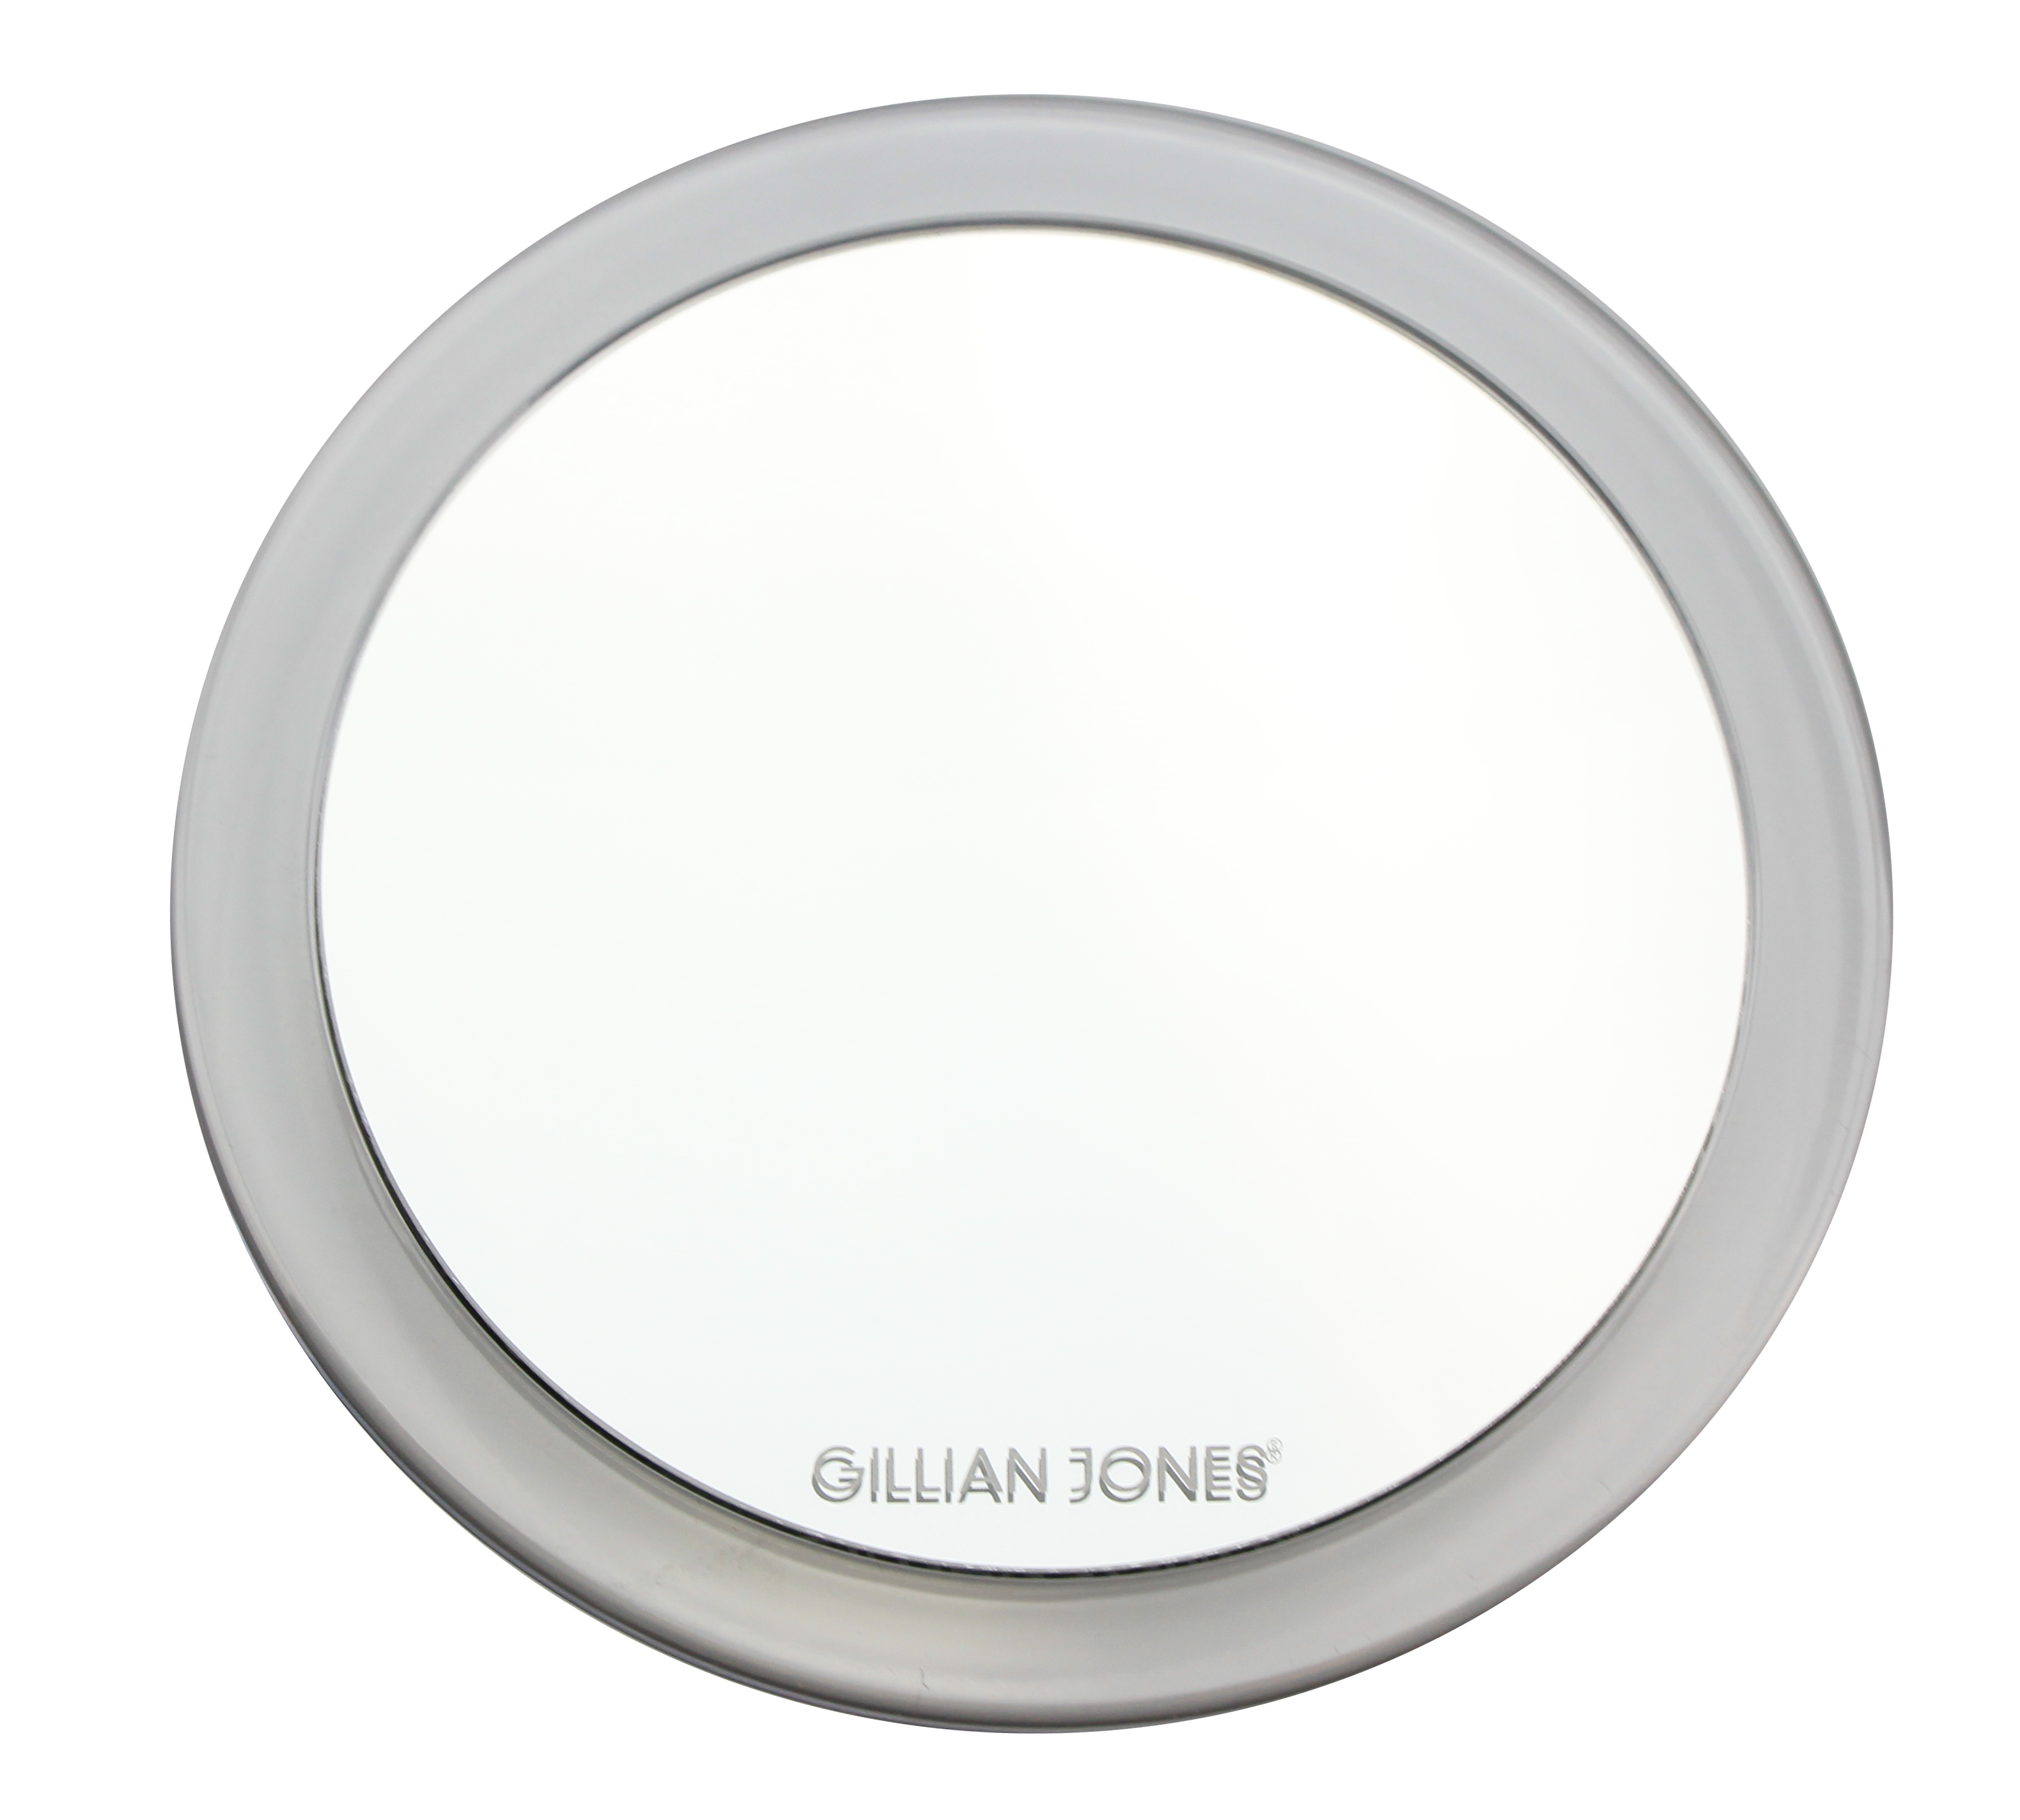 K 246 P Gillian Jones 3 Suctions Makeup Mirror X10 Inkl Frakt